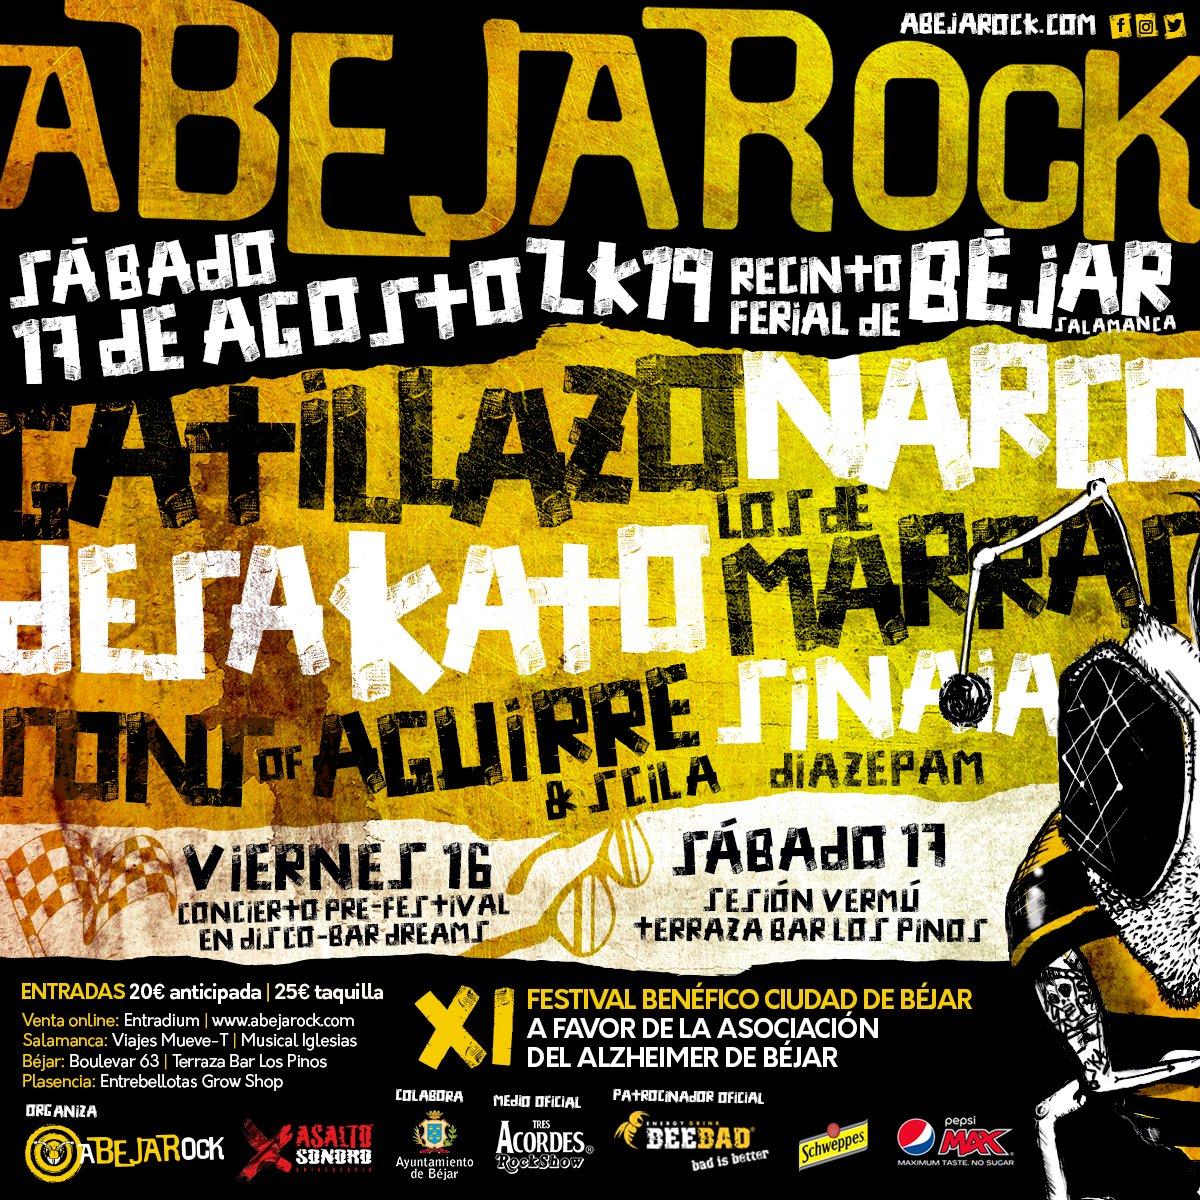 Abejarock